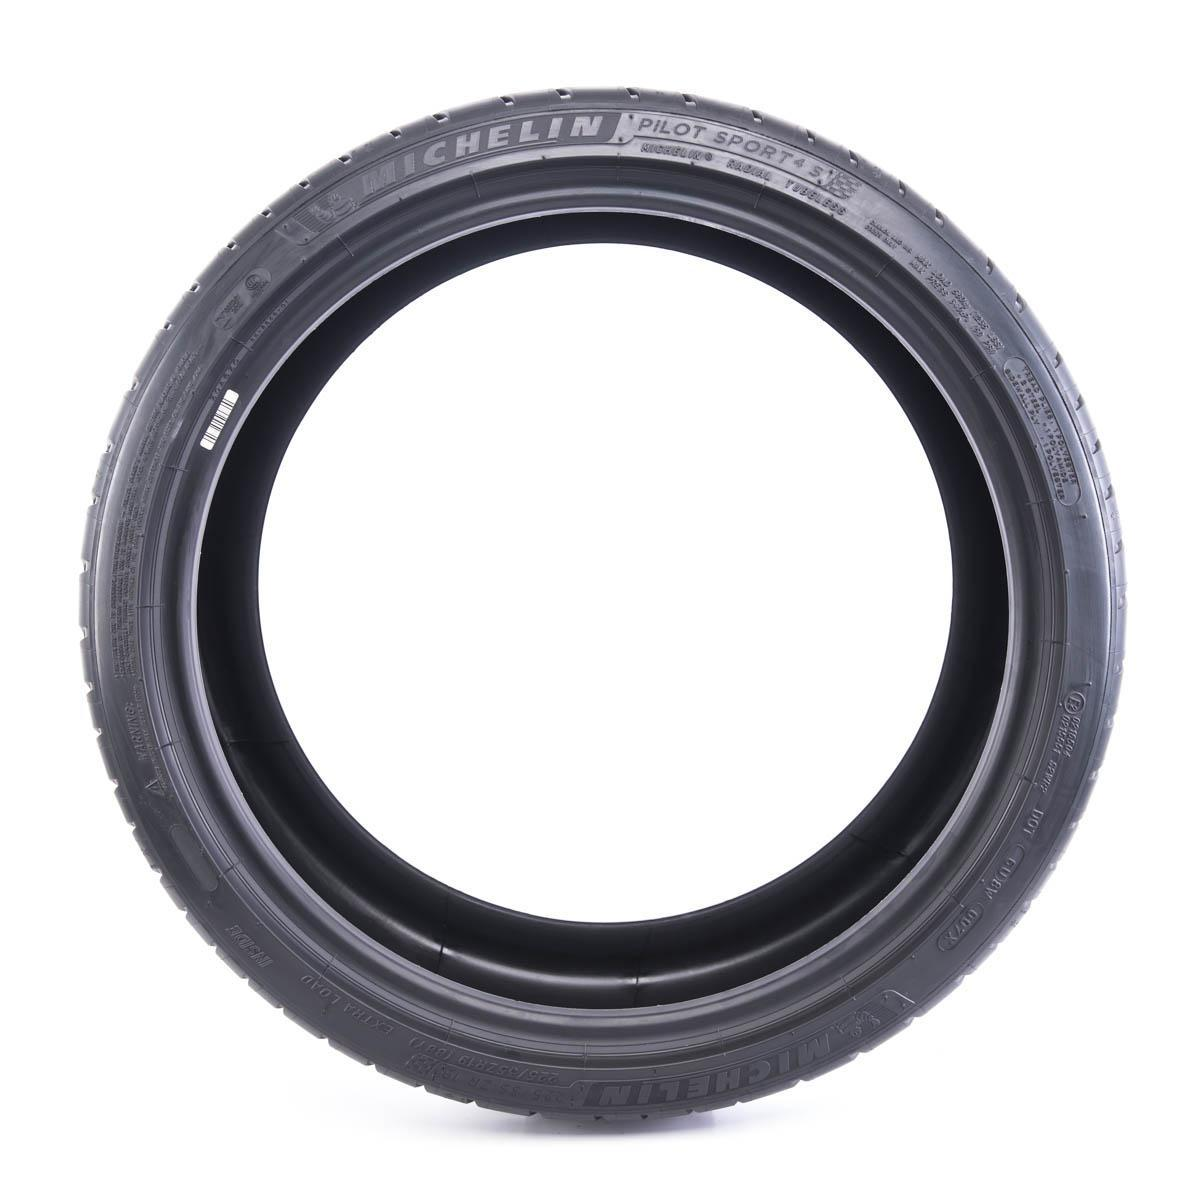 Michelin Pilot Sport 4 S - zdjęcie dodatkowe nr 4